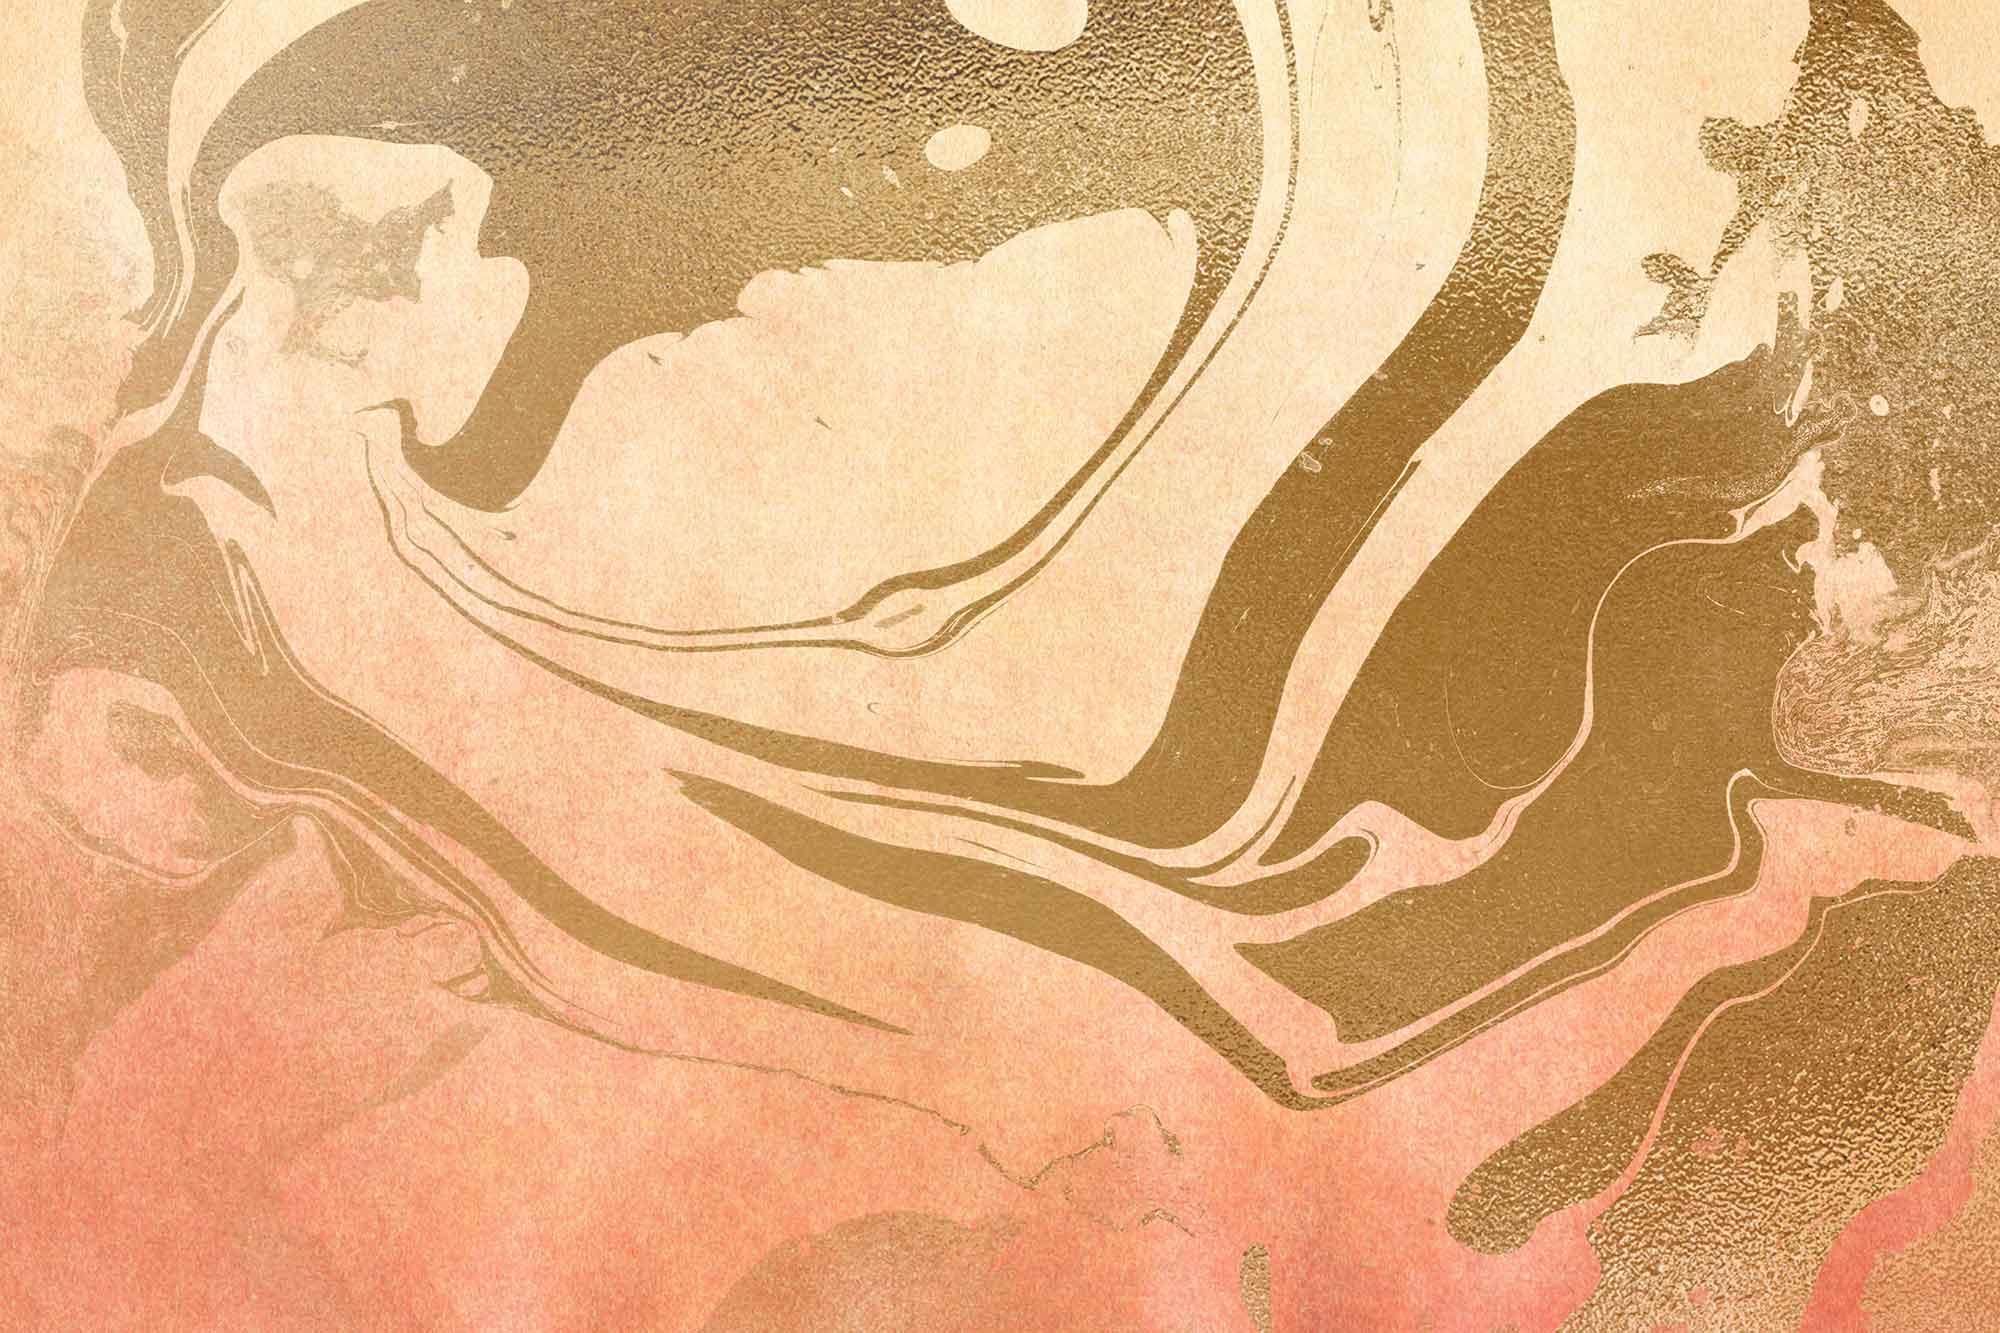 Peach & Cream Textures 5